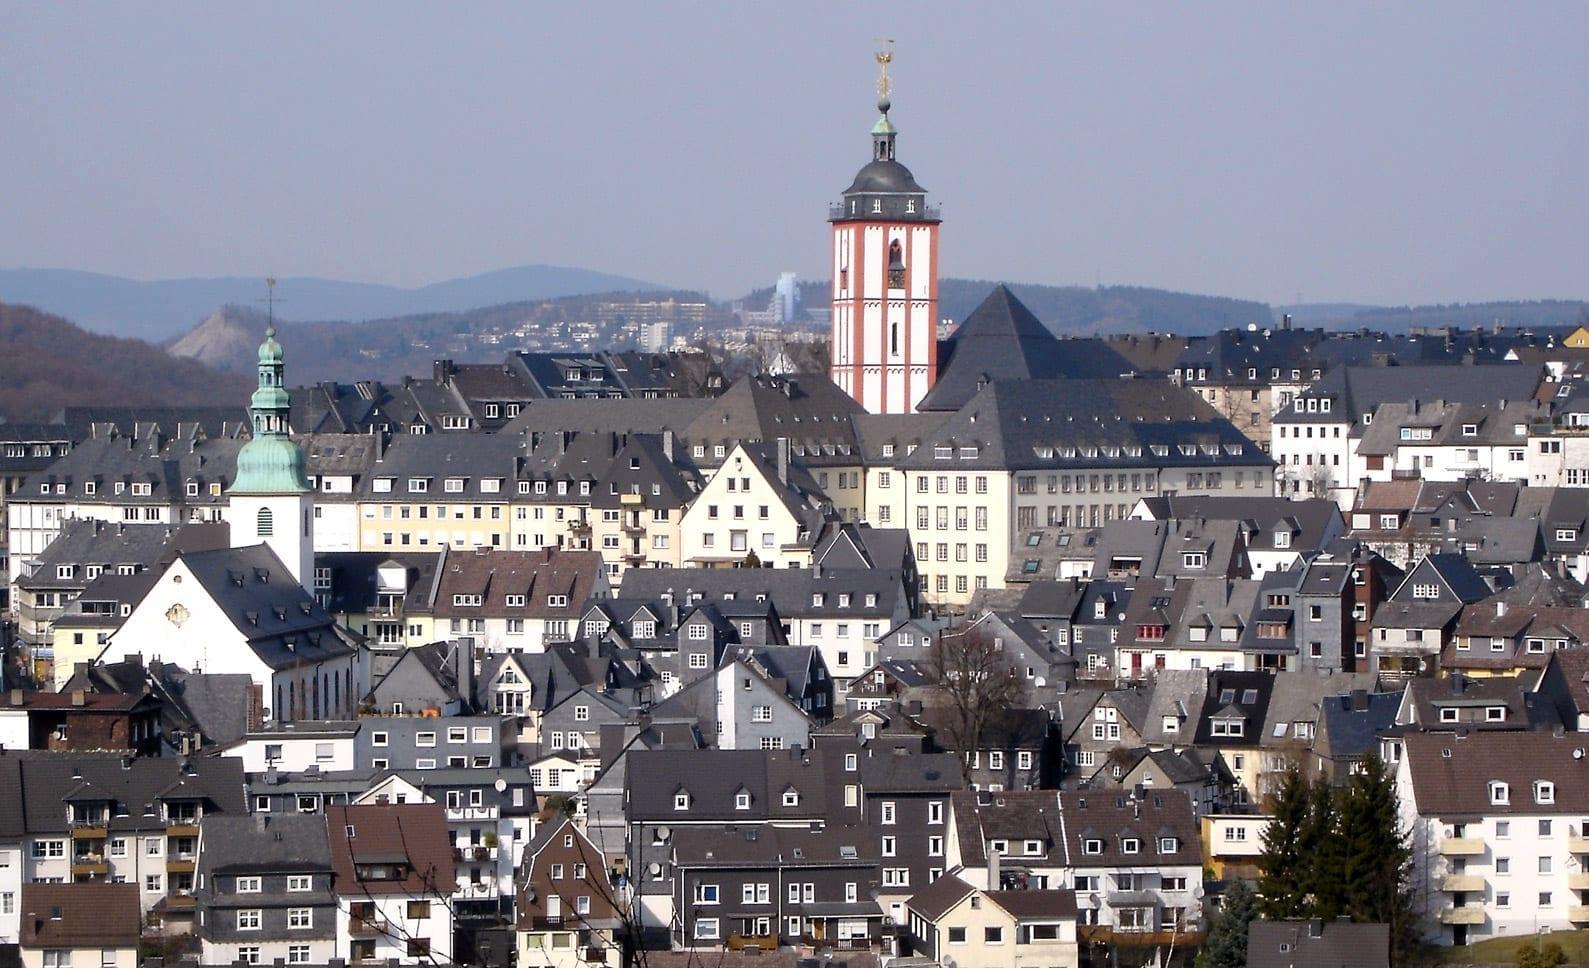 Vista de la parte alta de la ciudad de Siegen Siegen Alemania